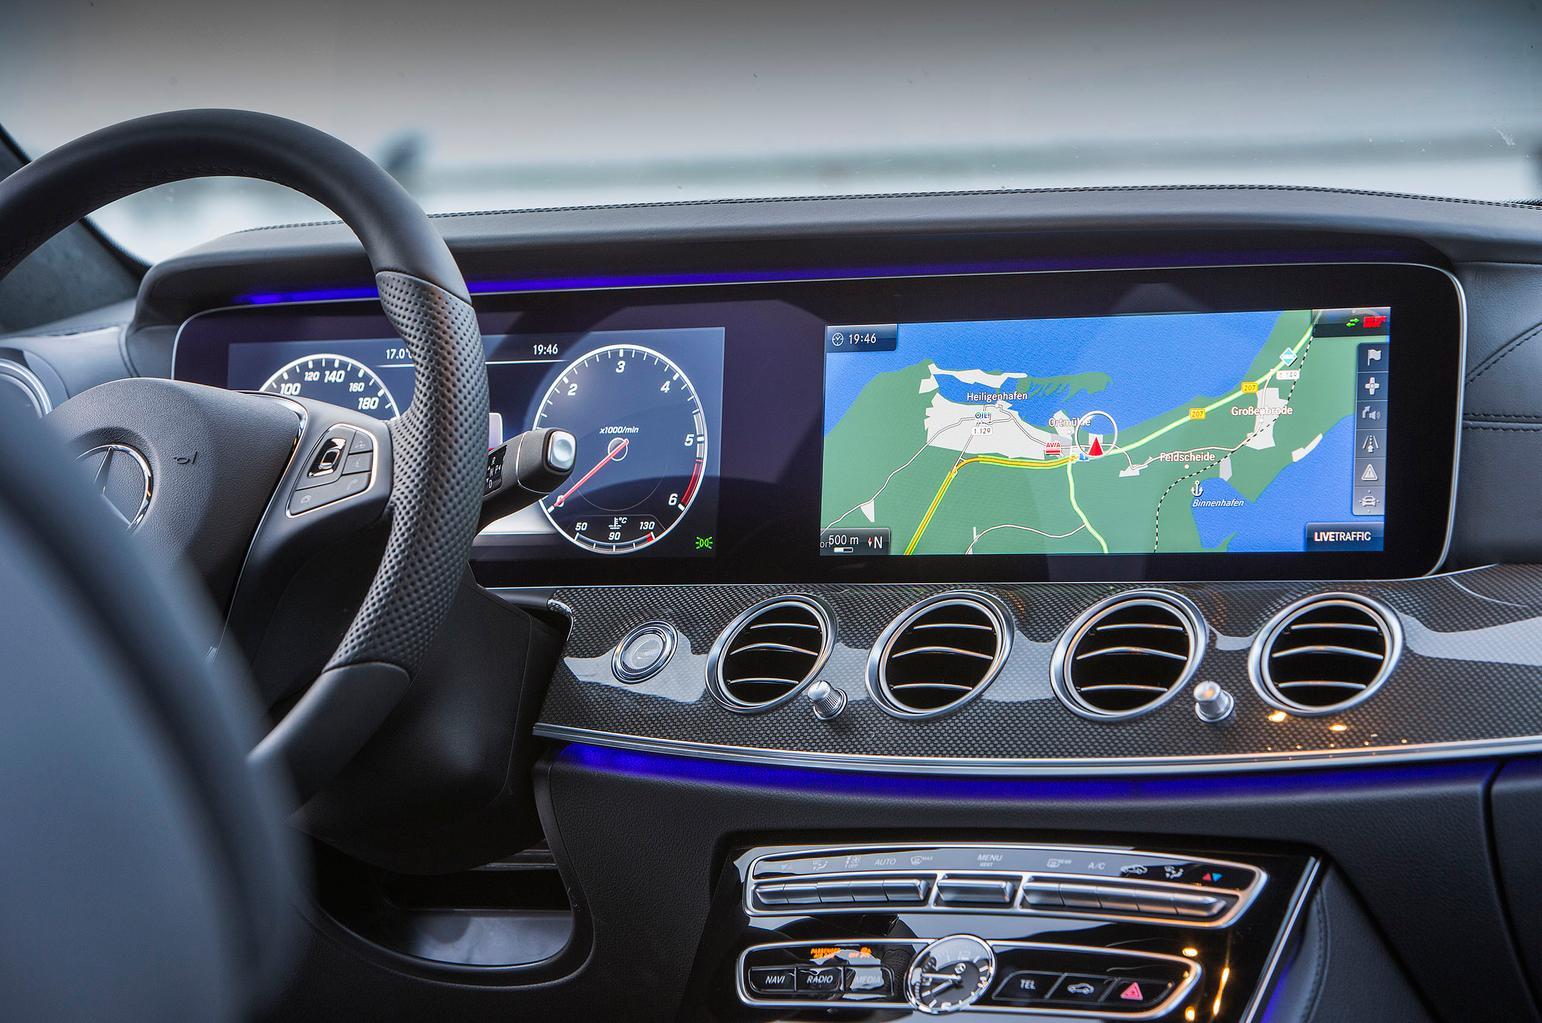 2016 Mercedes-Benz E 220 d Estate review